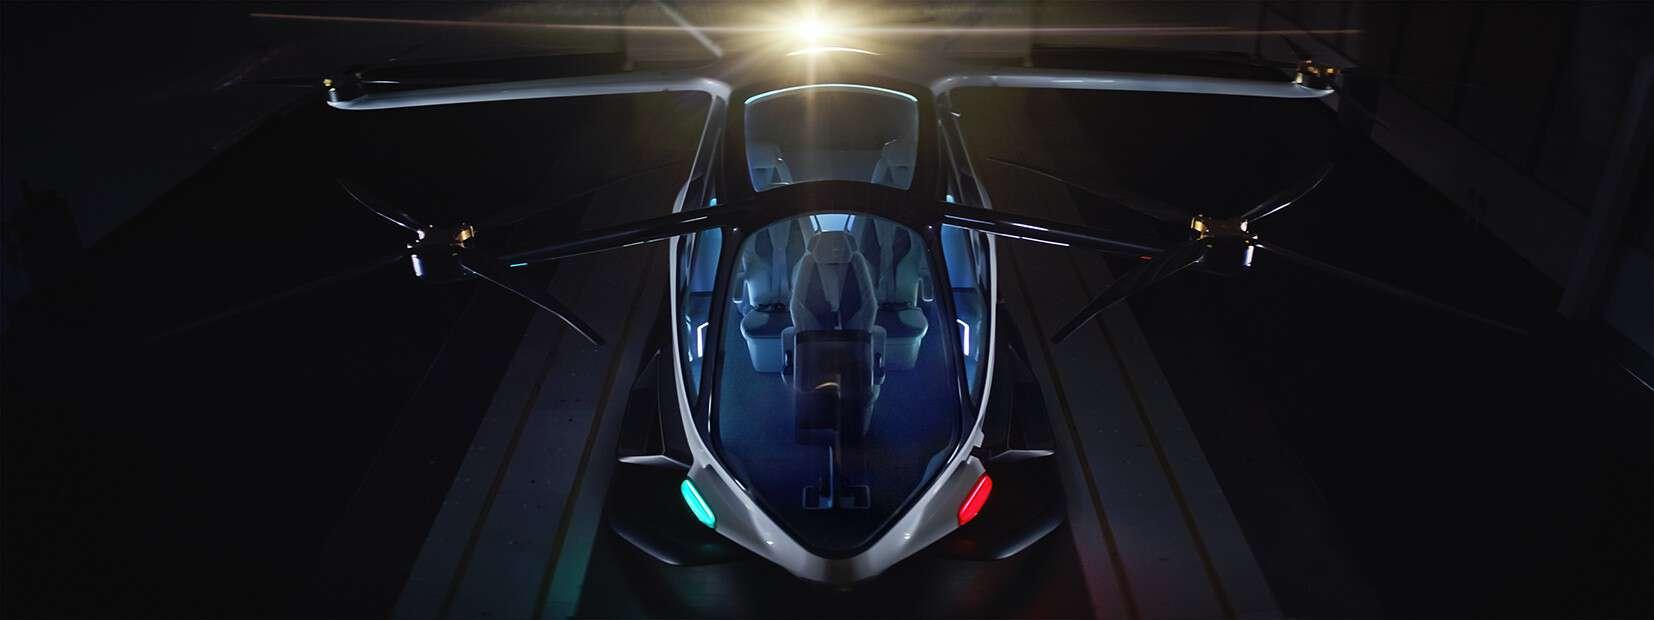 bmw skai flying car 10